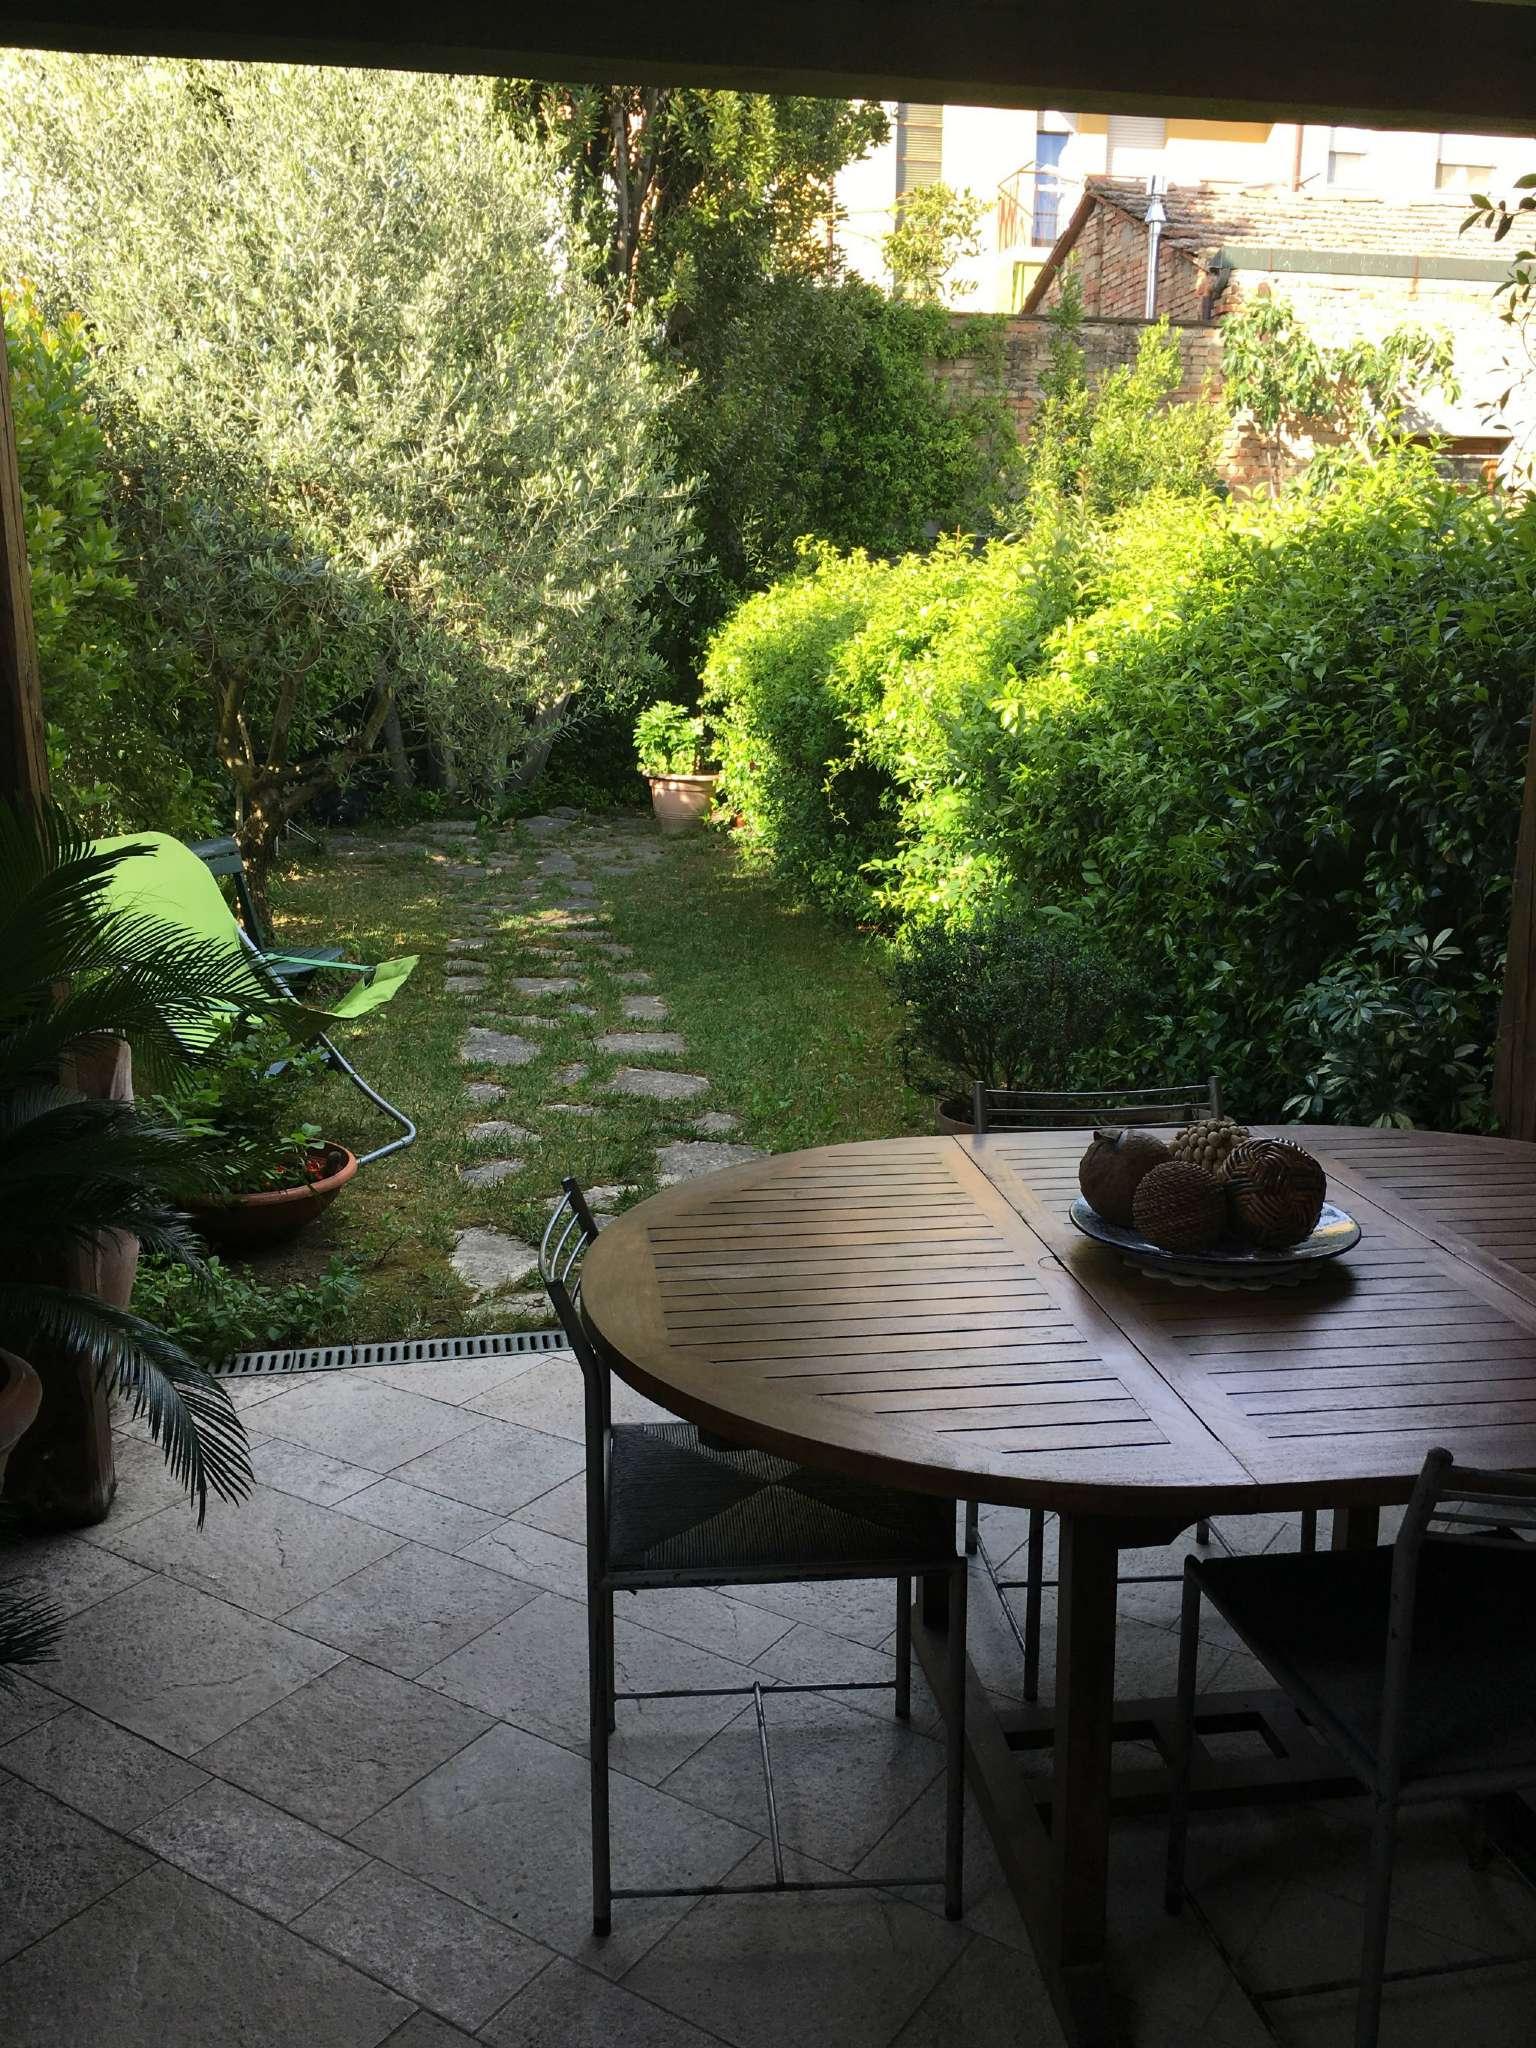 Casa indipendente in Vendita a Ravenna Centro: 5 locali, 162 mq